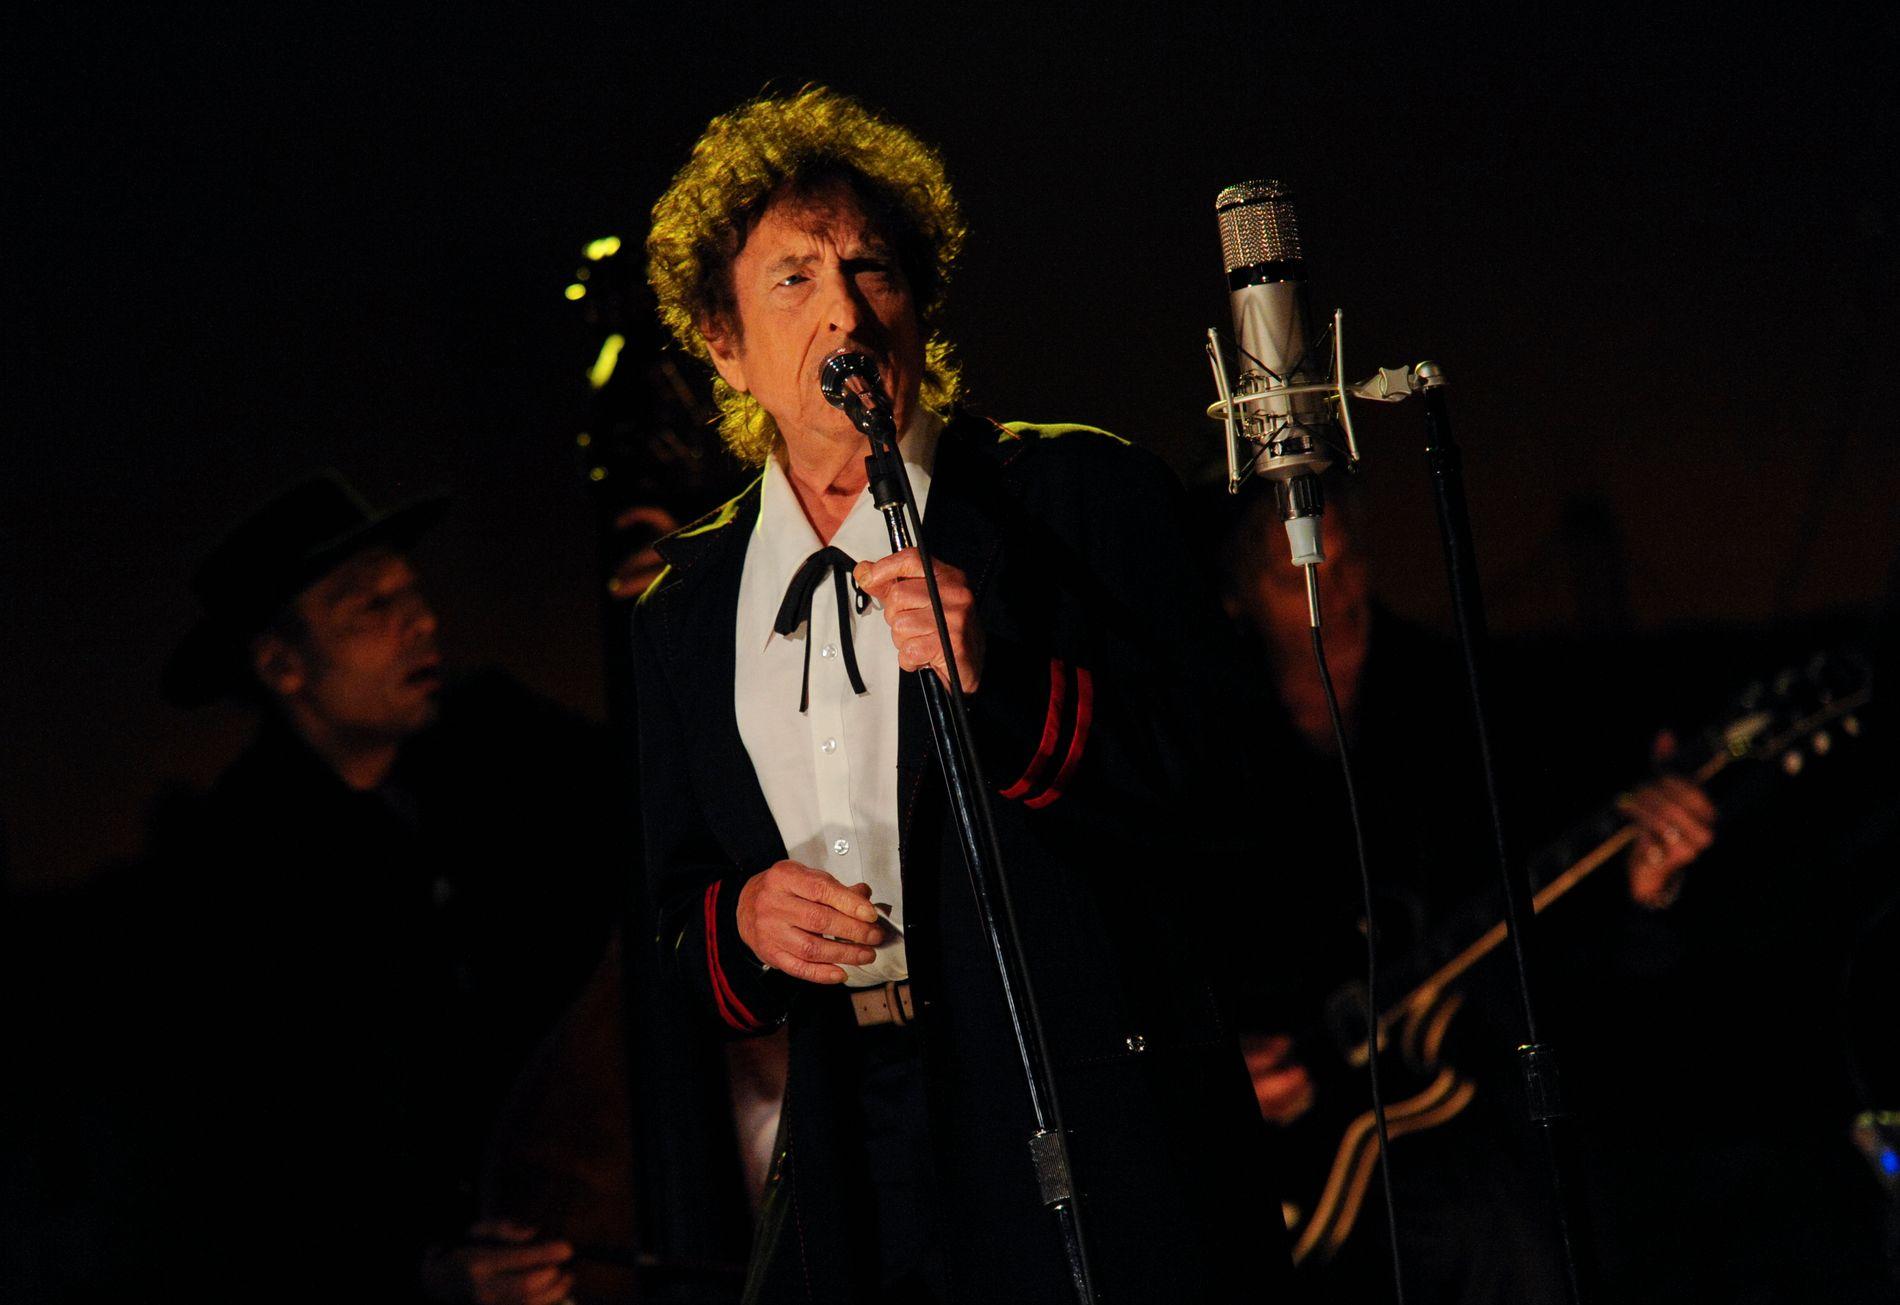 LEGENDE: Bob Dylan (78) underholdt bergenserne fredag kveld. Konserten hadde fotoforbud, og dette bildet er hentet fra han opptrådte på «The Late Show with David Letterman» i 2015.